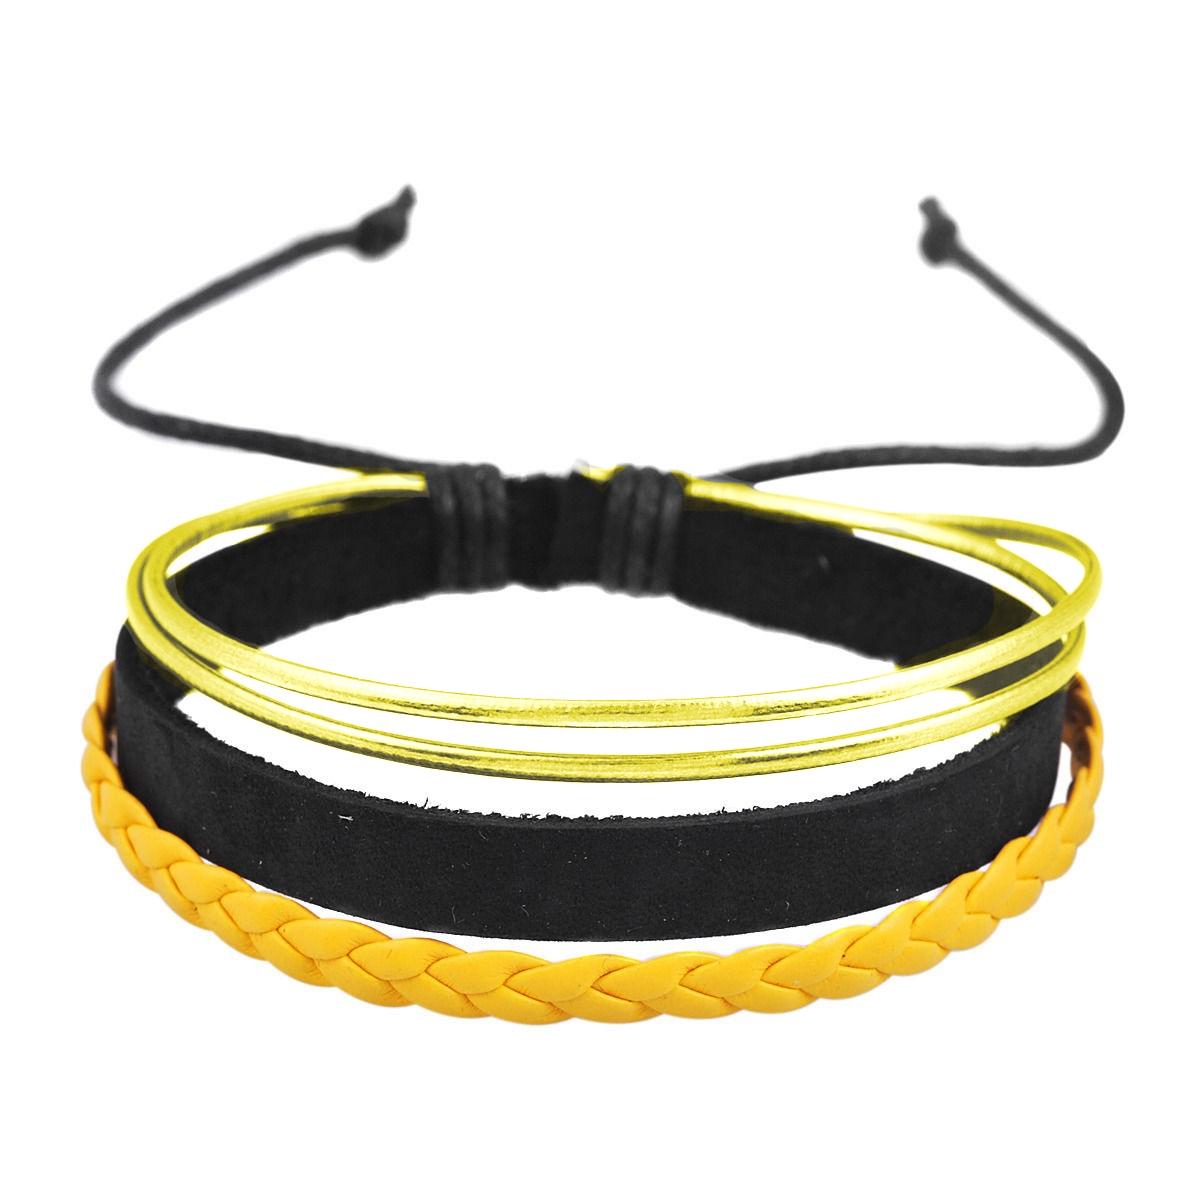 Pulseira Ajustável de Couro Cordas e Camurça Dourado e Preto